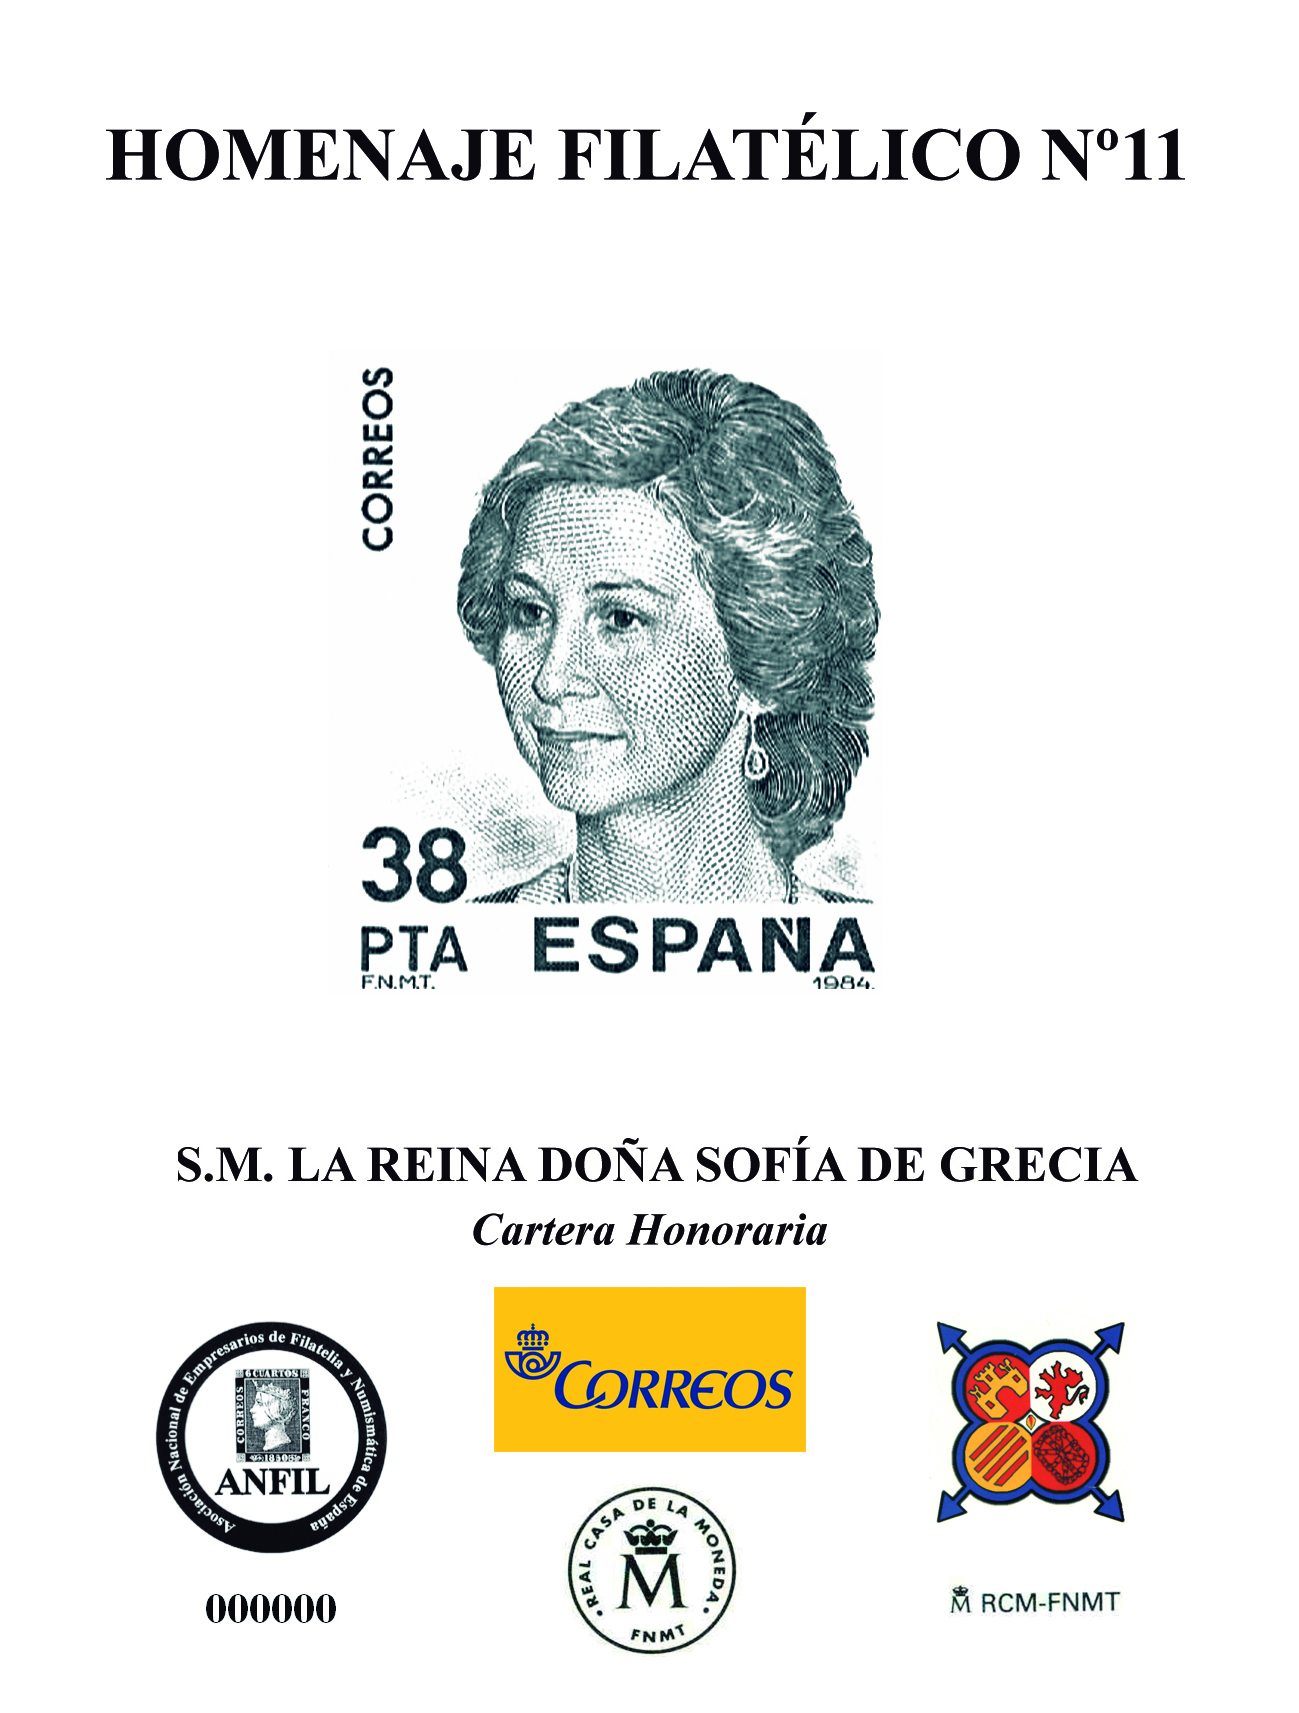 2016. S.M. La Reina Doña Sofía de Grecia. Cartera Honoraria.